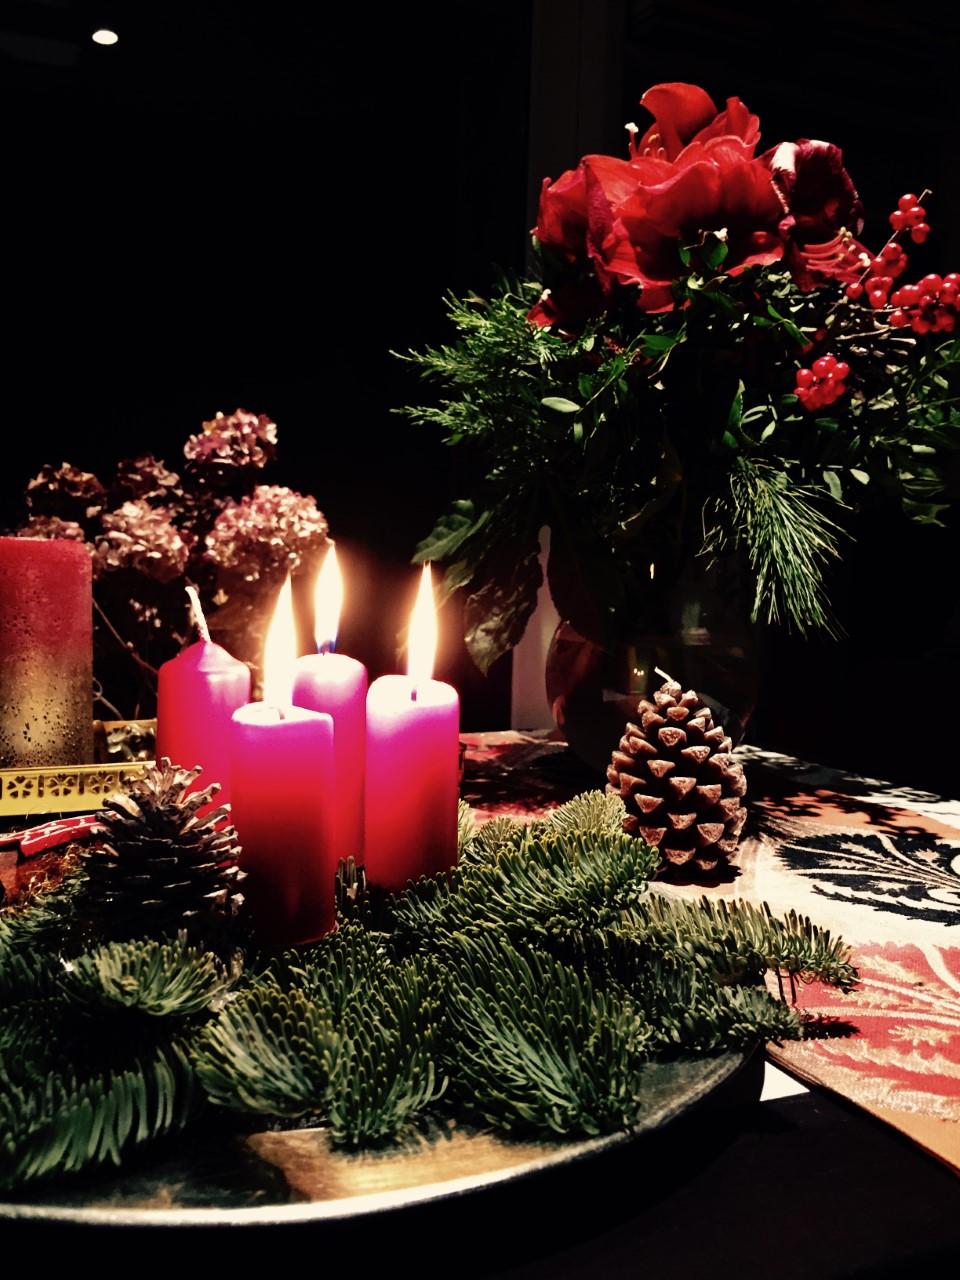 ドイツのクリスマス飾り「アドベント・クランツ」で温かく穏やかなひと時を